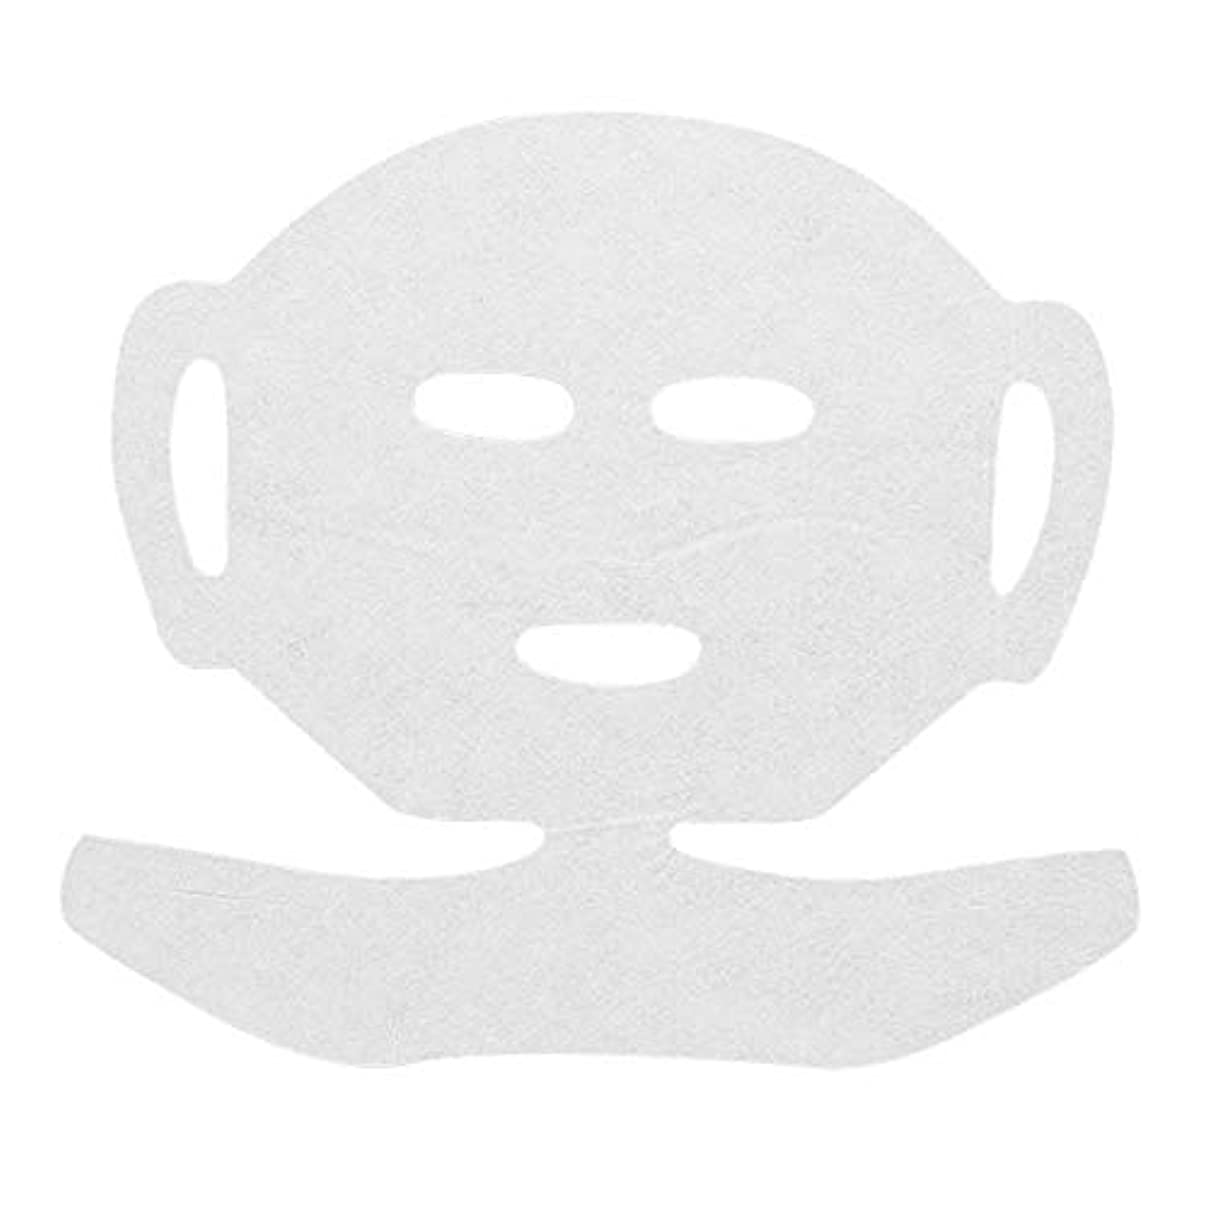 哀細断ロック高保水 フェイシャルシート (マスクタイプネック付き 化粧水無し) 80枚 29×20cm [ フェイスマスク フェイスシート フェイスパック フェイシャルマスク シートマスク フェイシャルシート フェイシャルパック ローションマスク ローションパック ]